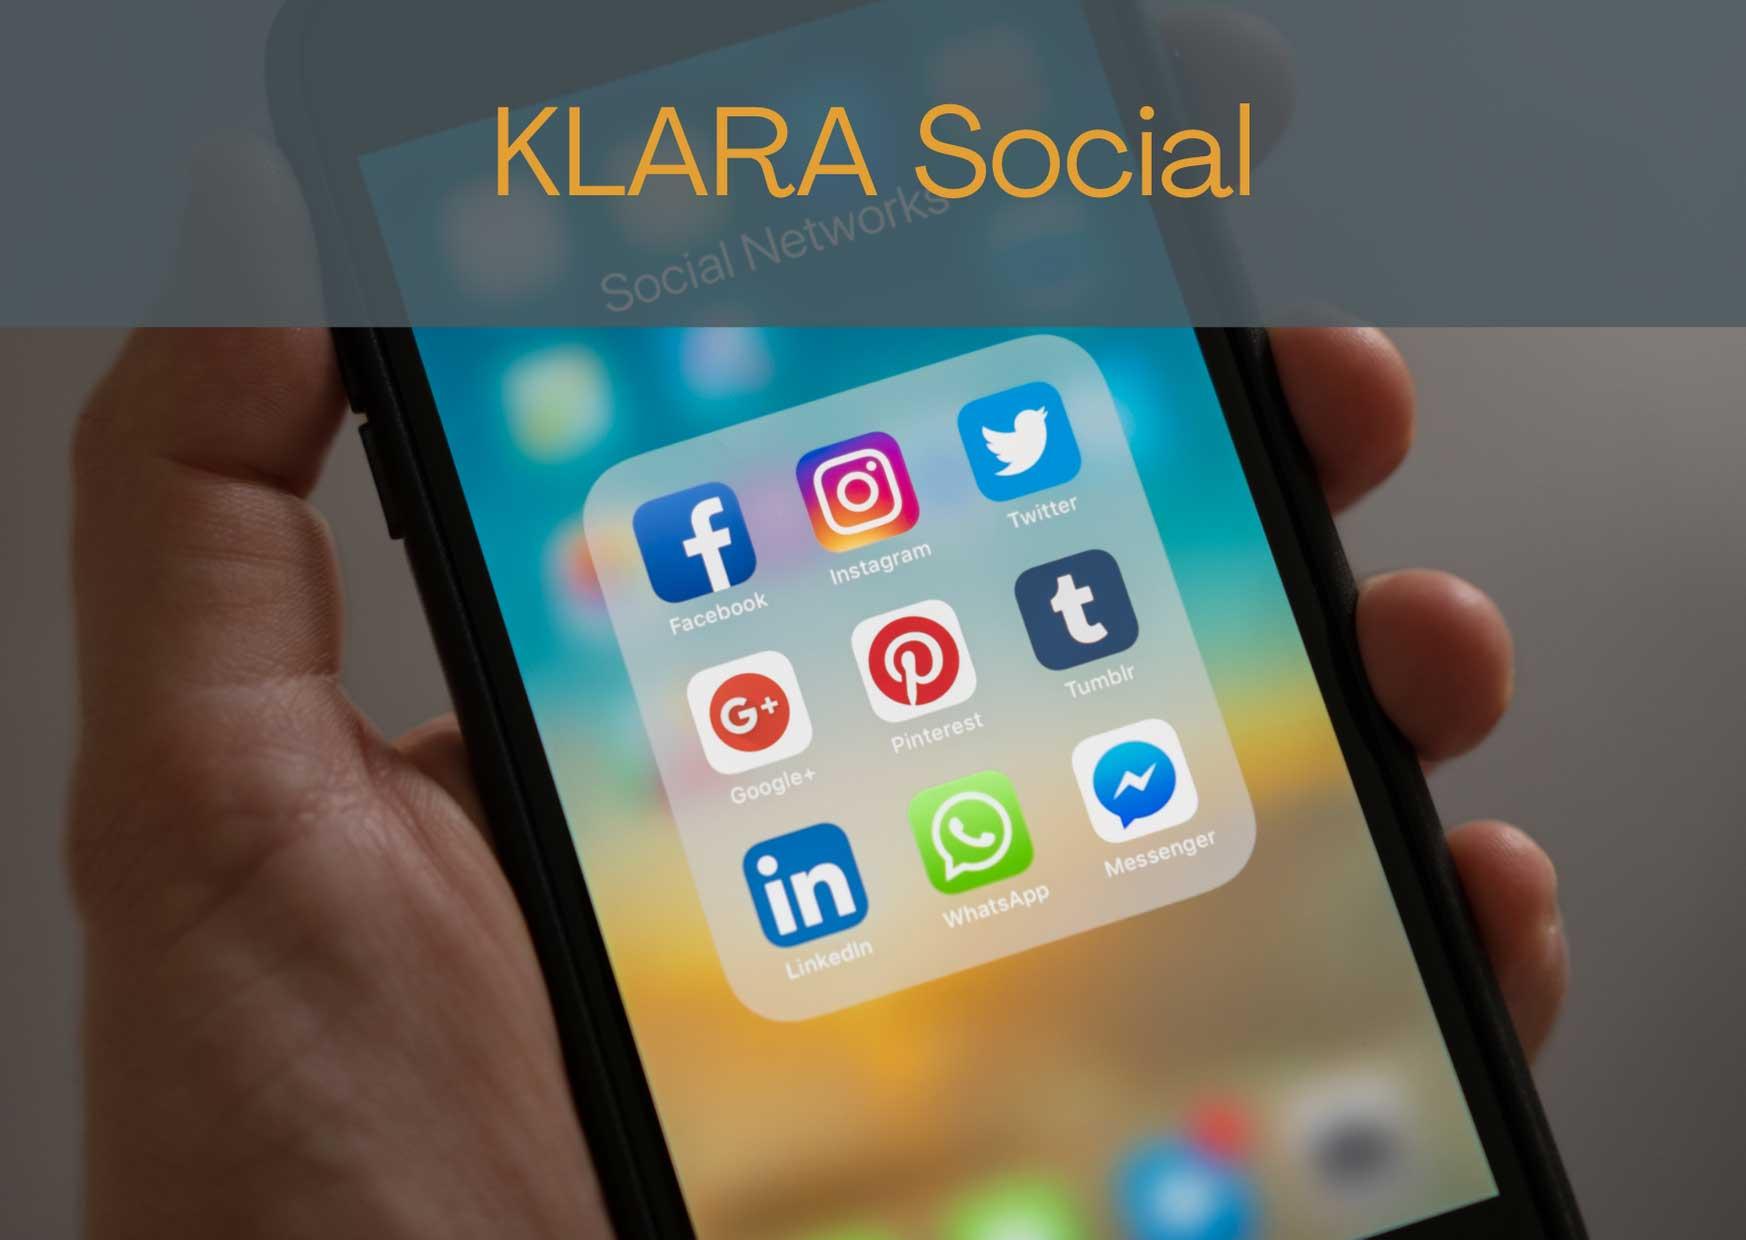 KLARA_Social_Produktbild